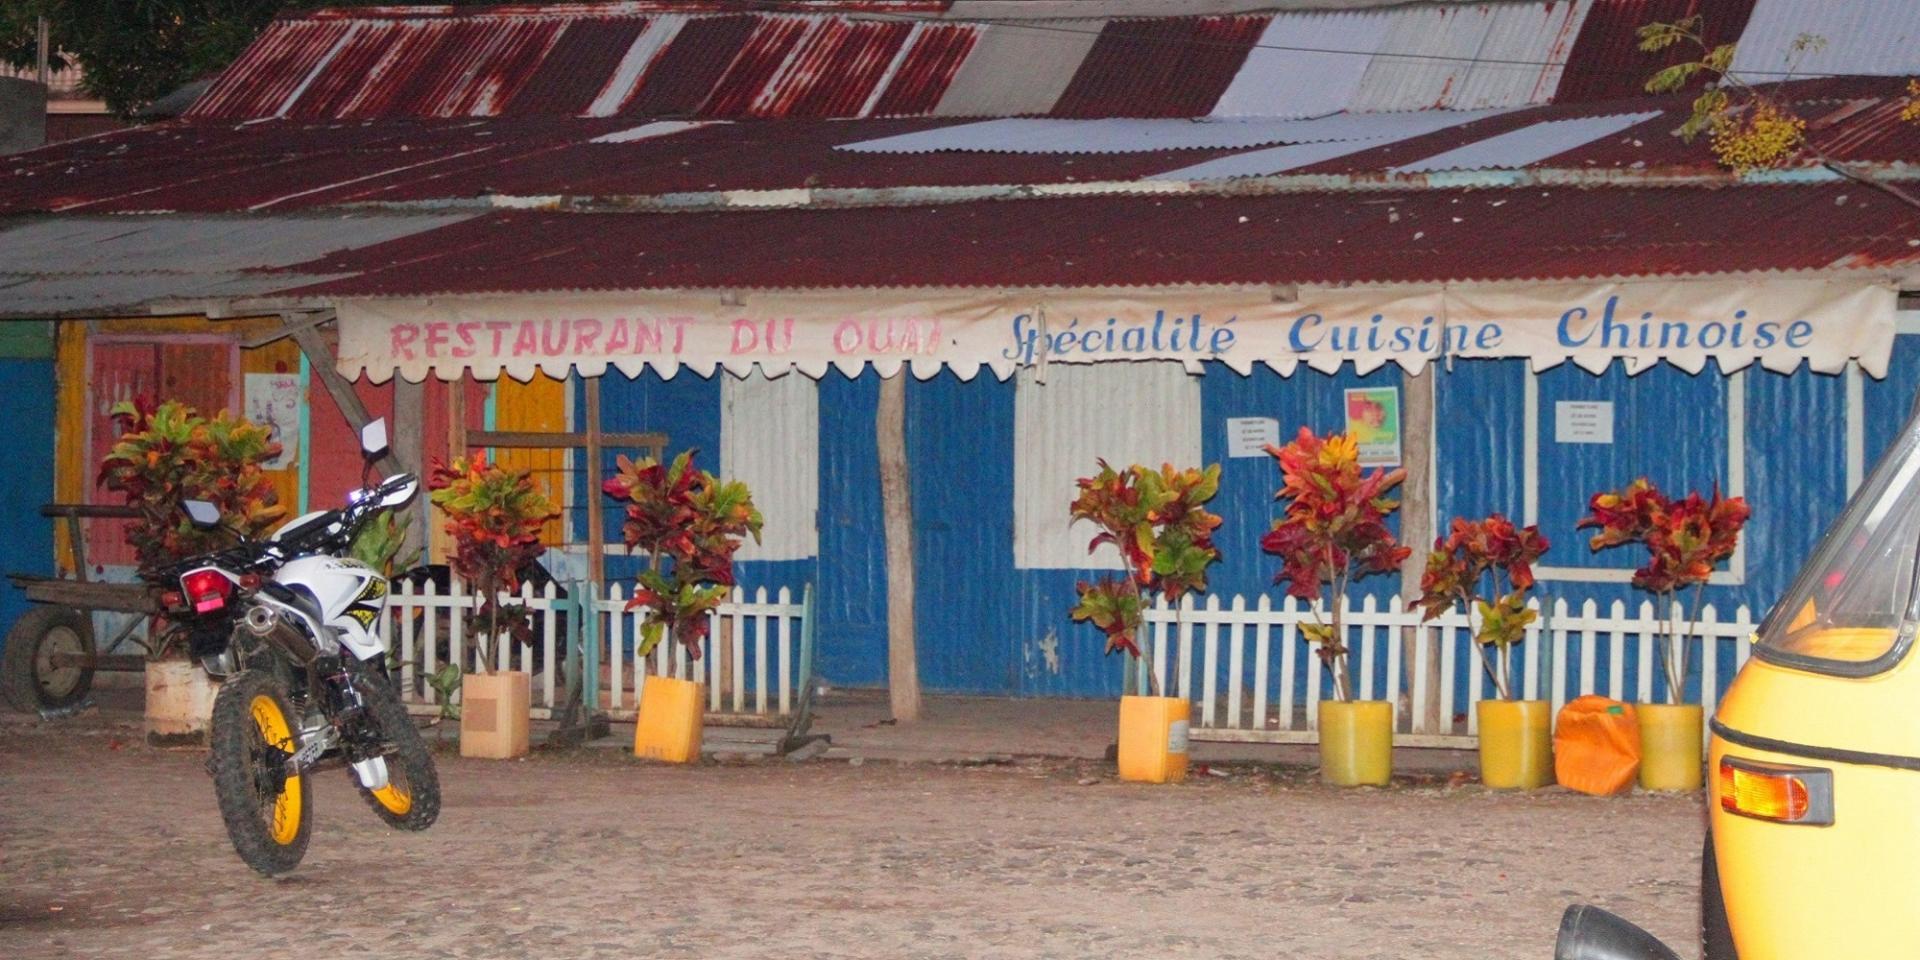 Restaurant du quai